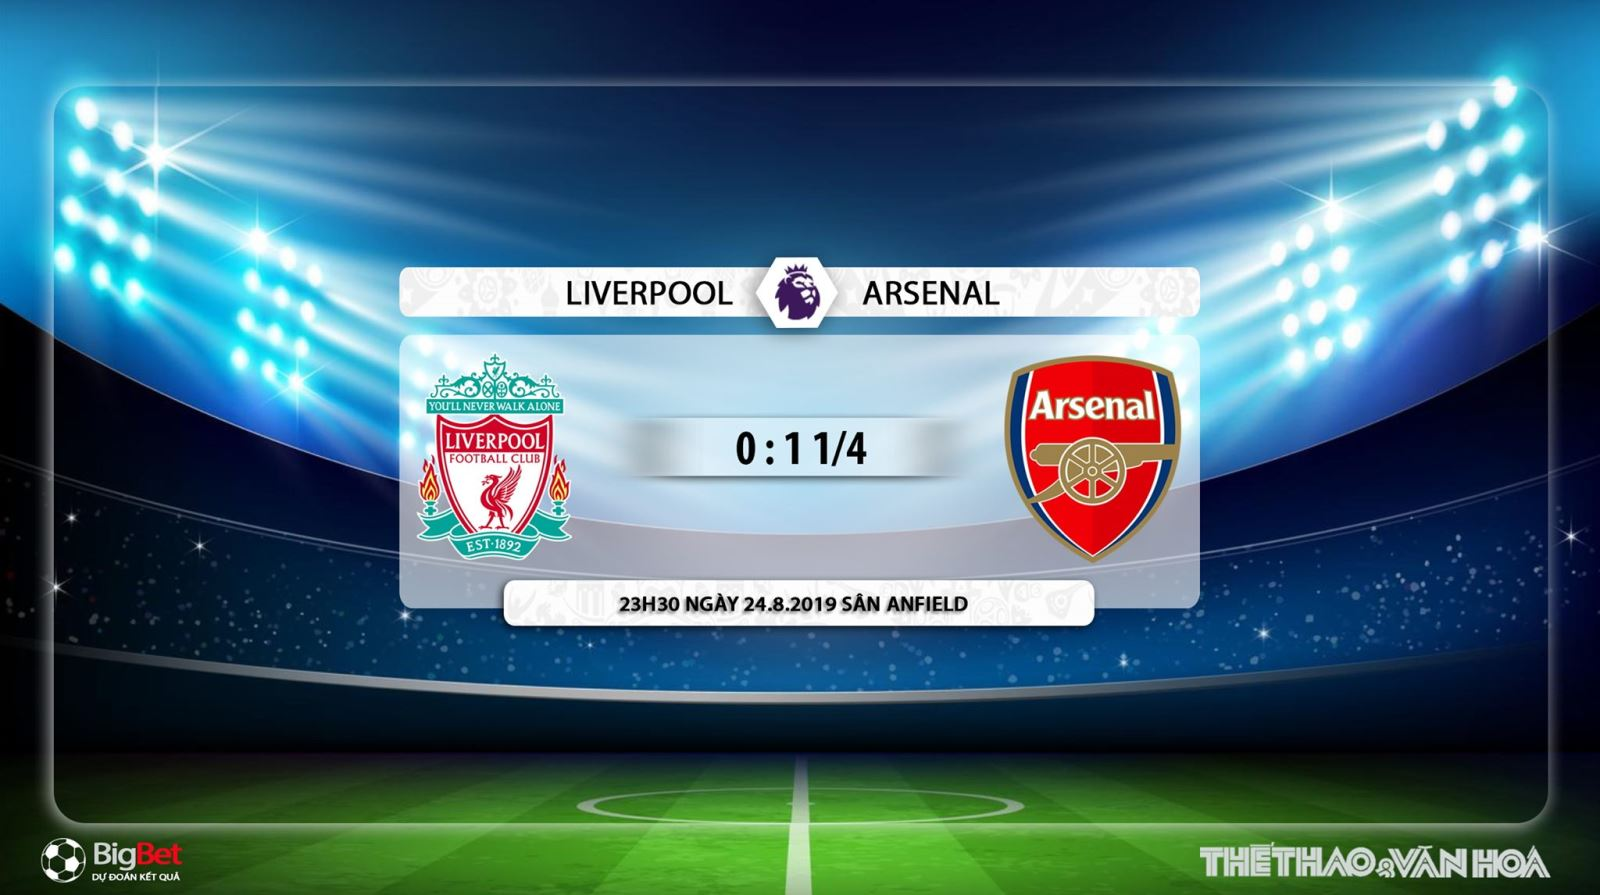 bóng đá, bong da, soi kèo bóng đá,  Liverpool vs Arsenal, liverpool, arsenal, trực tiếp Liverpool vs Arsenal, soi kèo Liverpool vs Arsenal